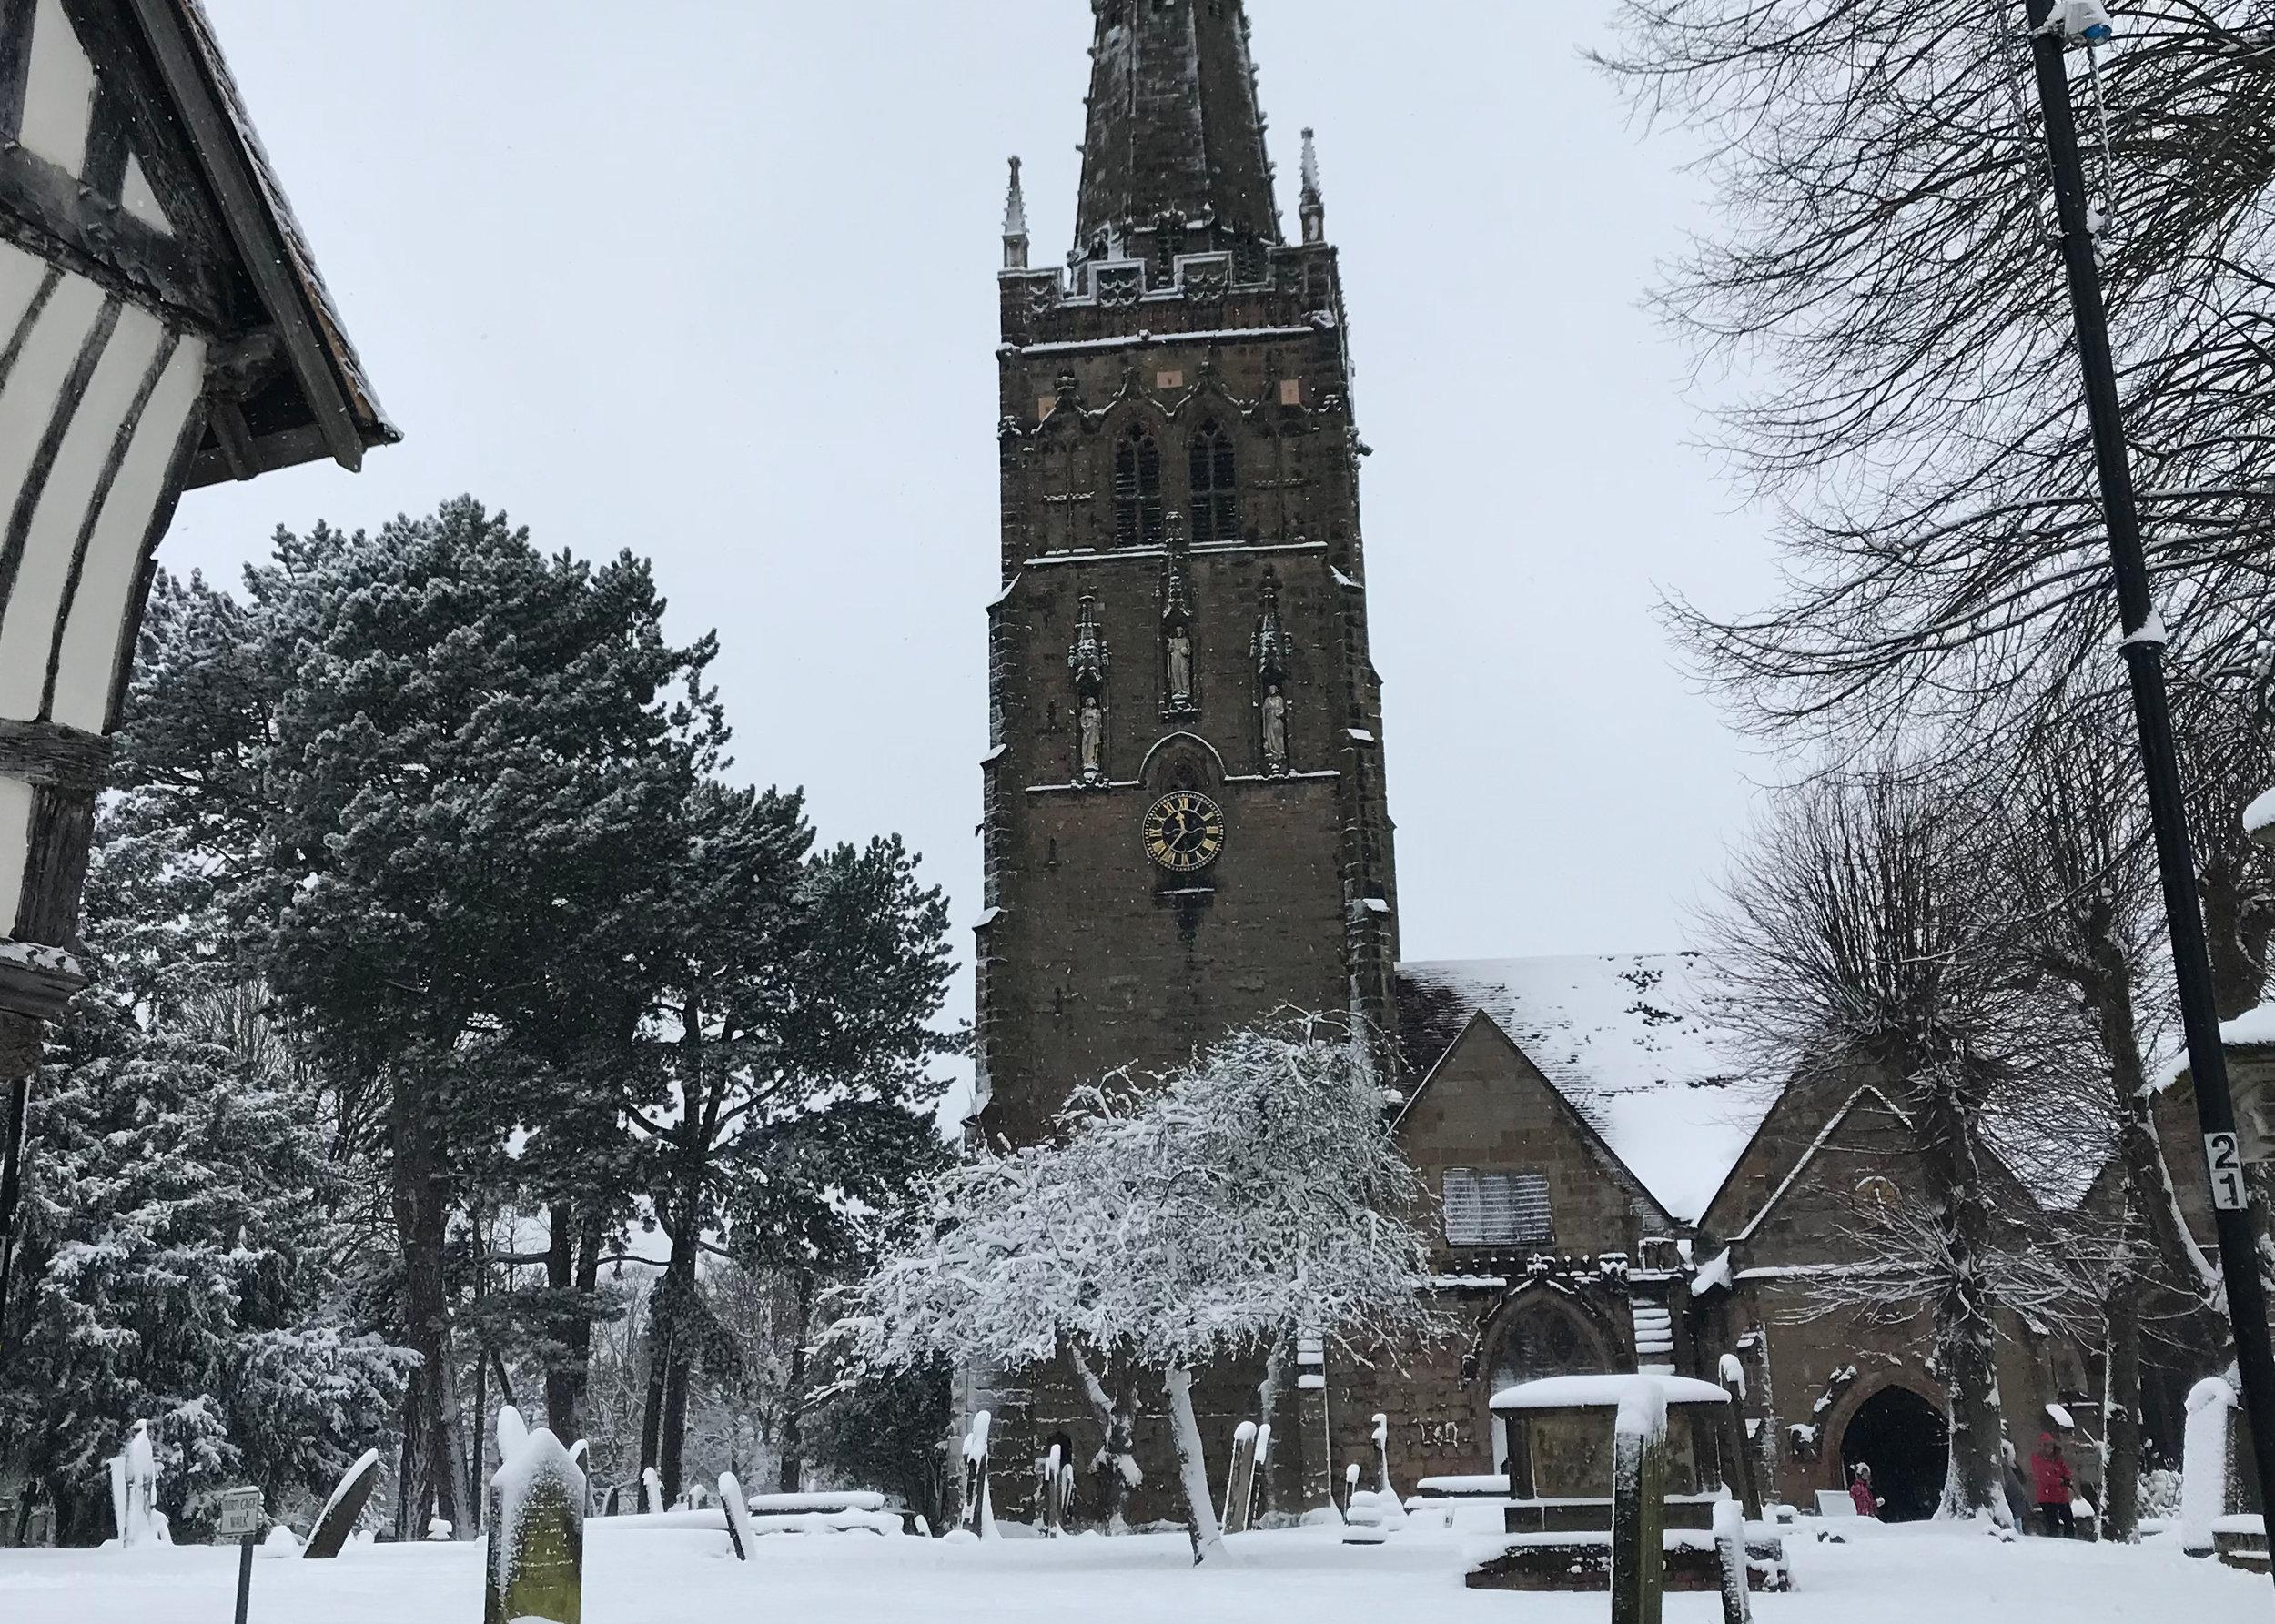 A snowy scene across to the Church